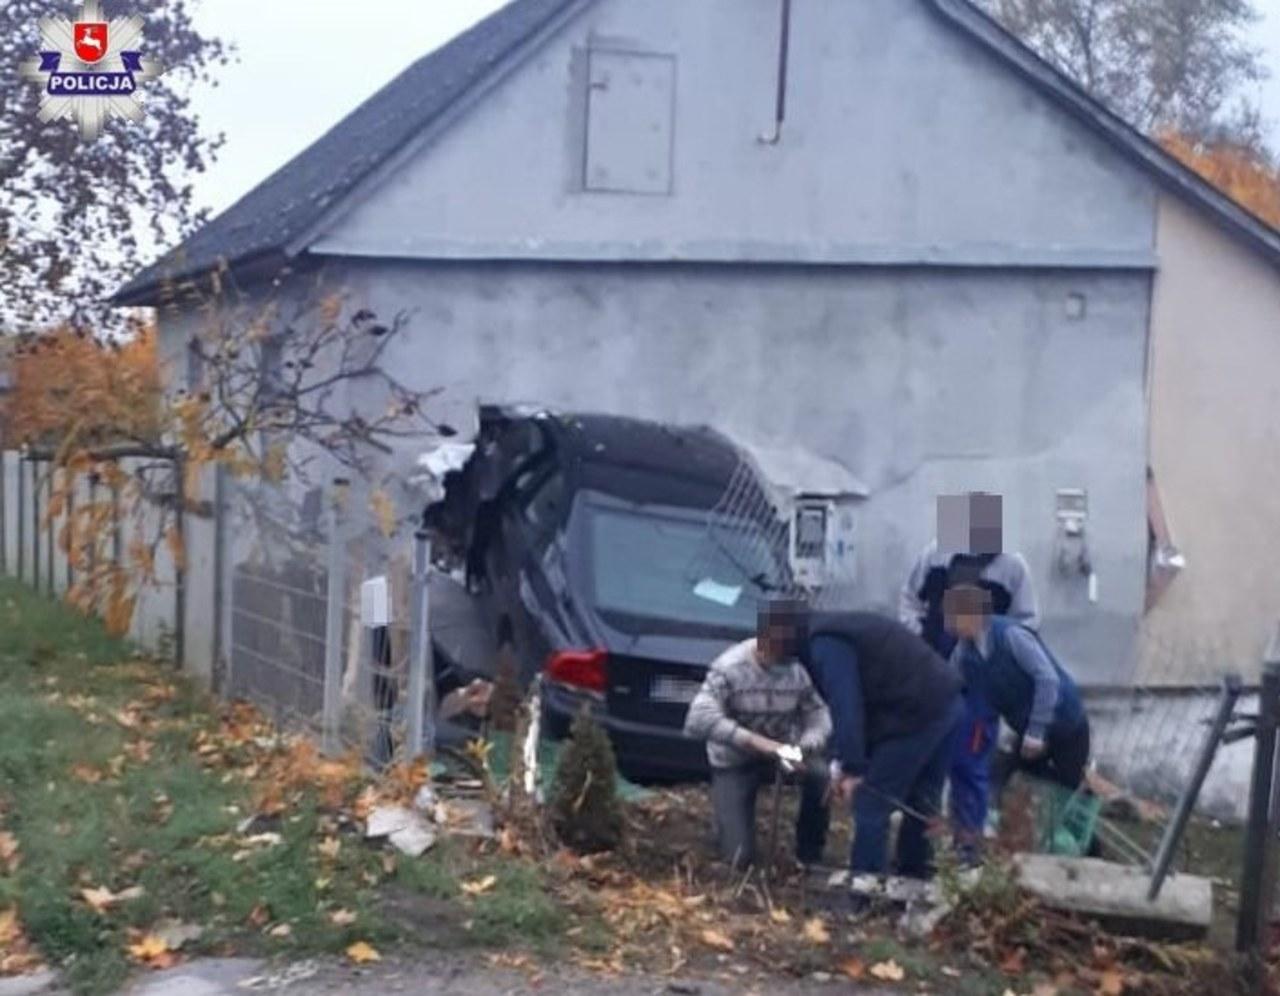 Samochód wjechał w dom. Kierowca prawdopodobnie zasnął w czasie jazdy